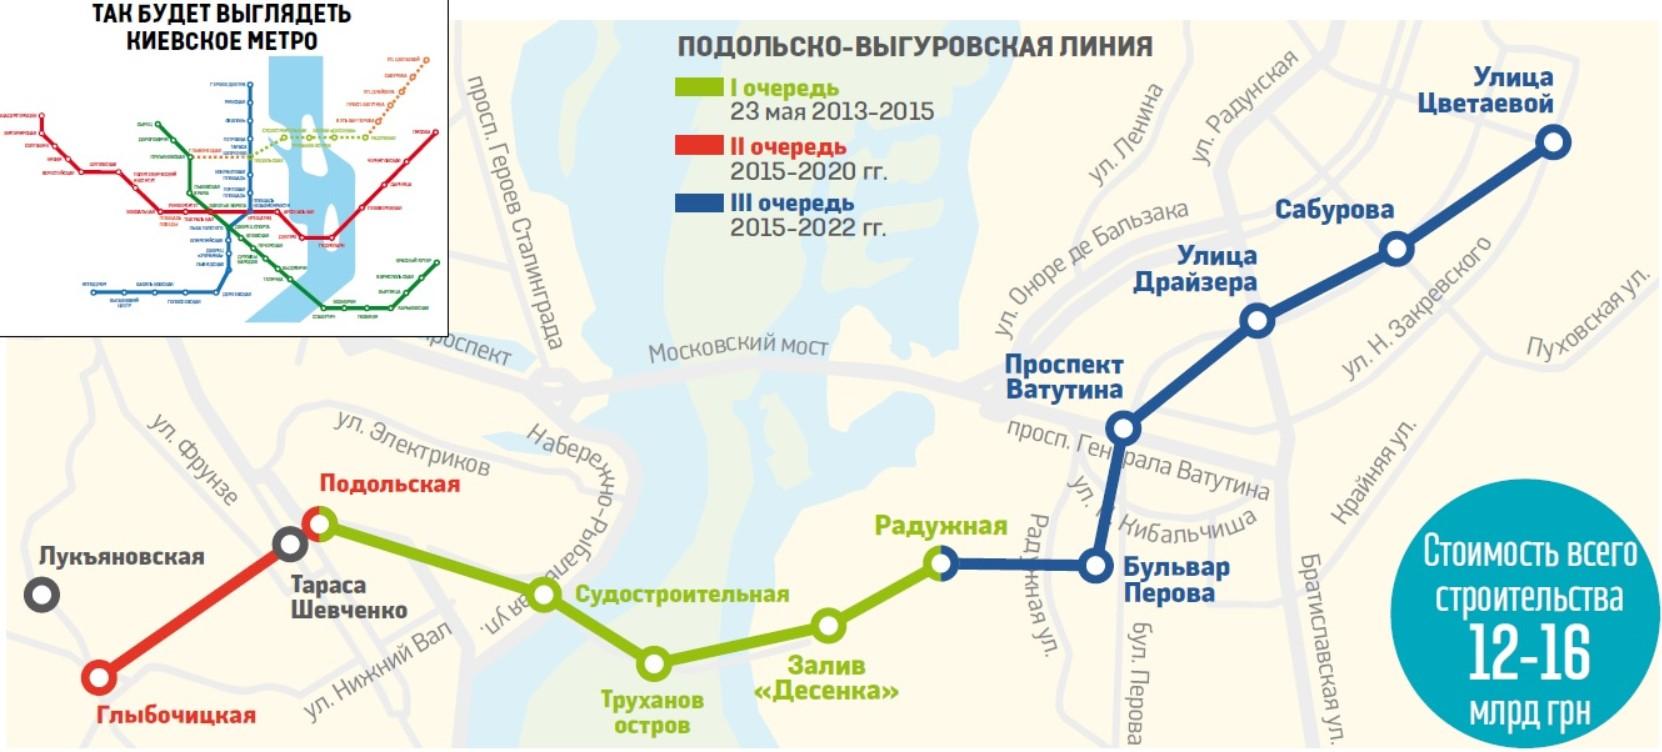 План линии метро на Троещину. План лінії метро на Троєщину